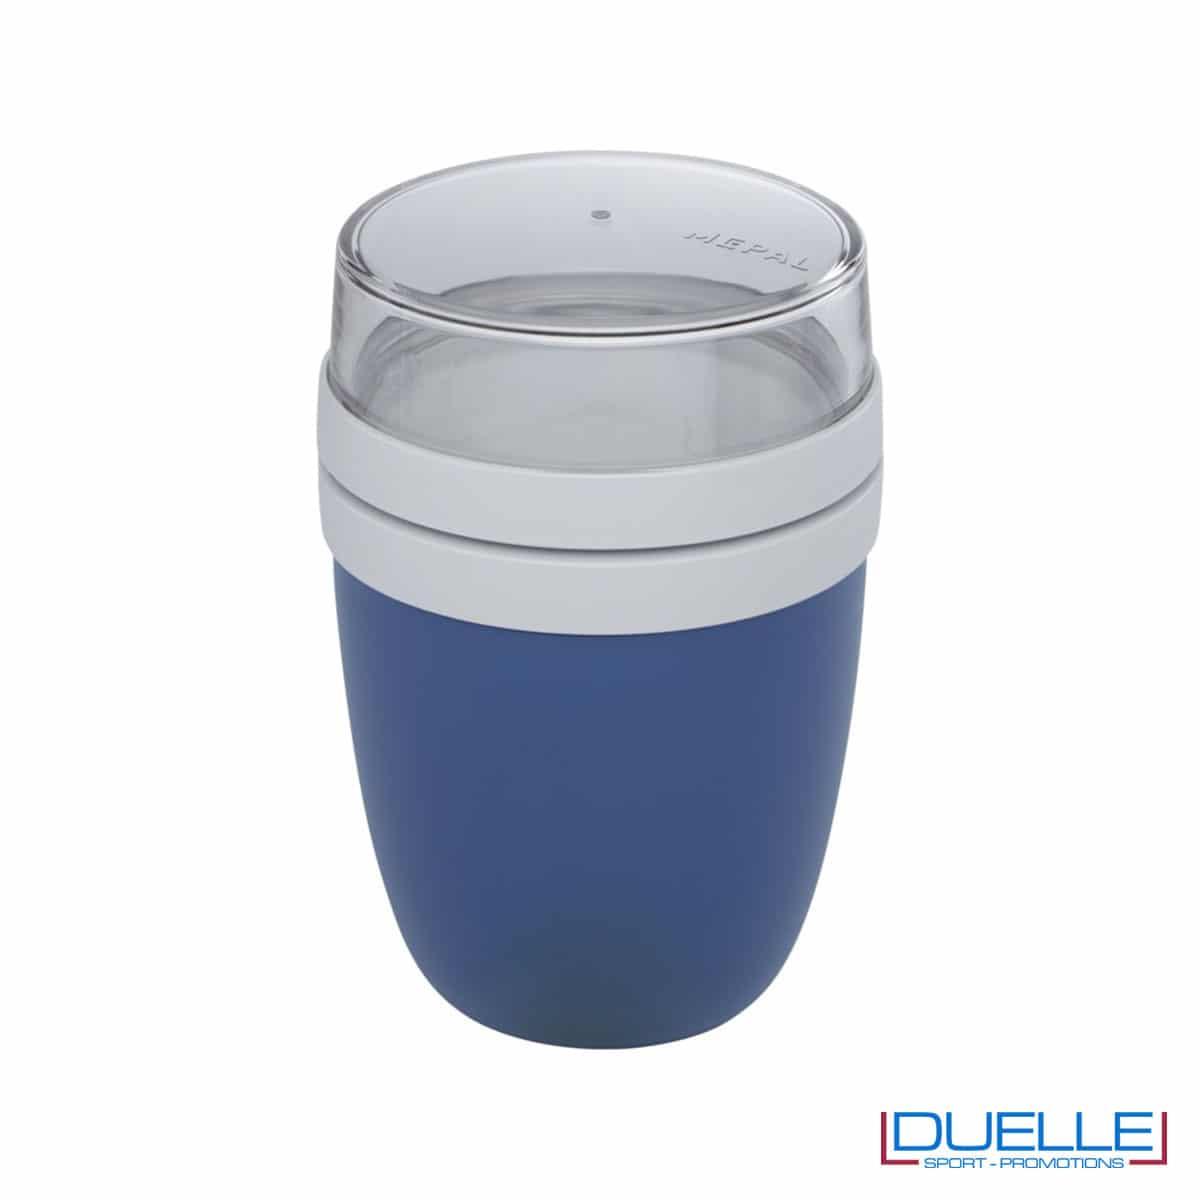 Lunch box Mepal colore blu personalizzato con il tuo logo